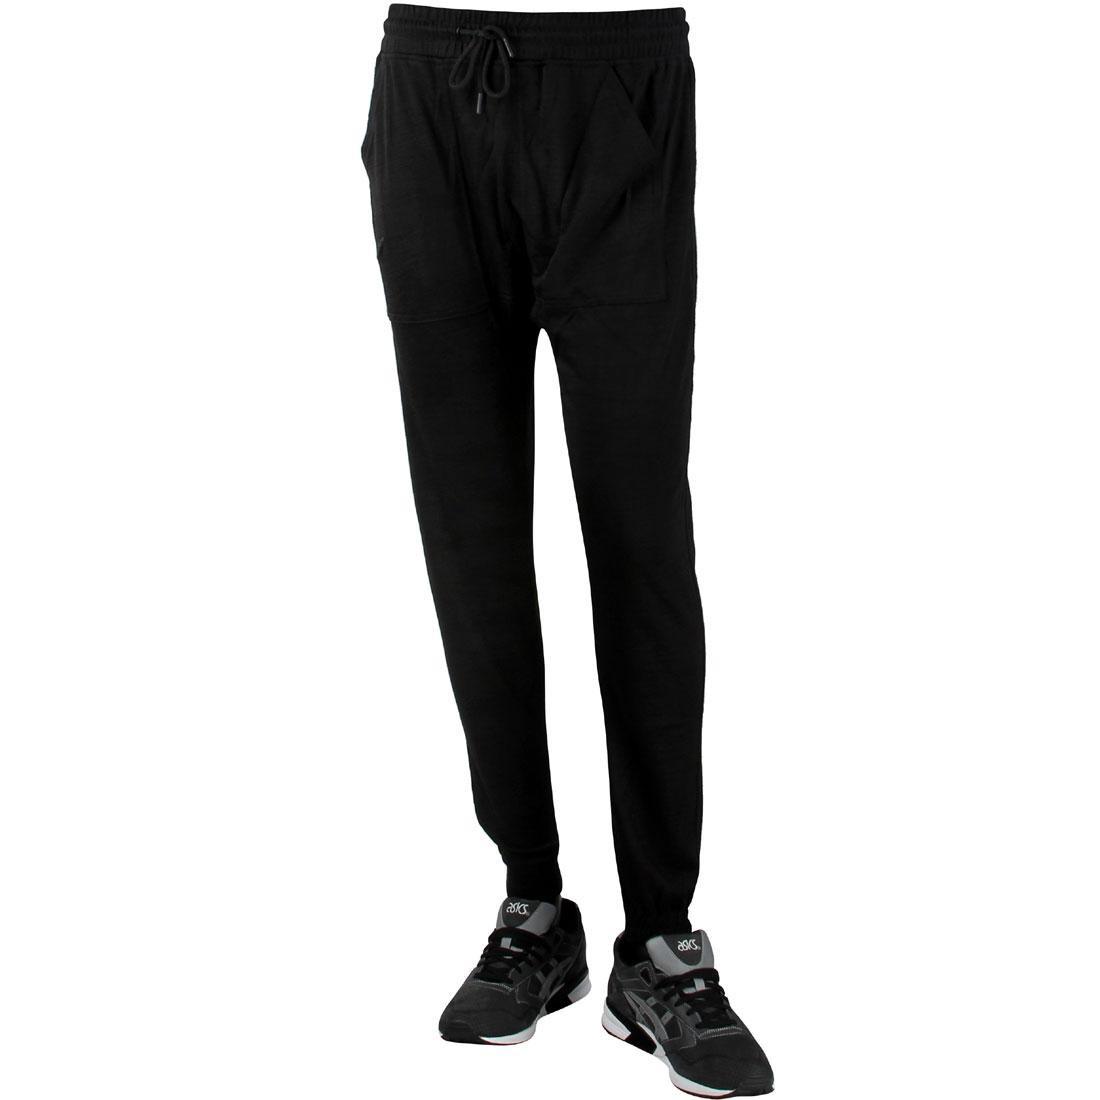 パブリッシュ 【 PUBLISH MEN BORIS PANTS BLACK 】 メンズファッション ズボン パンツ 送料無料